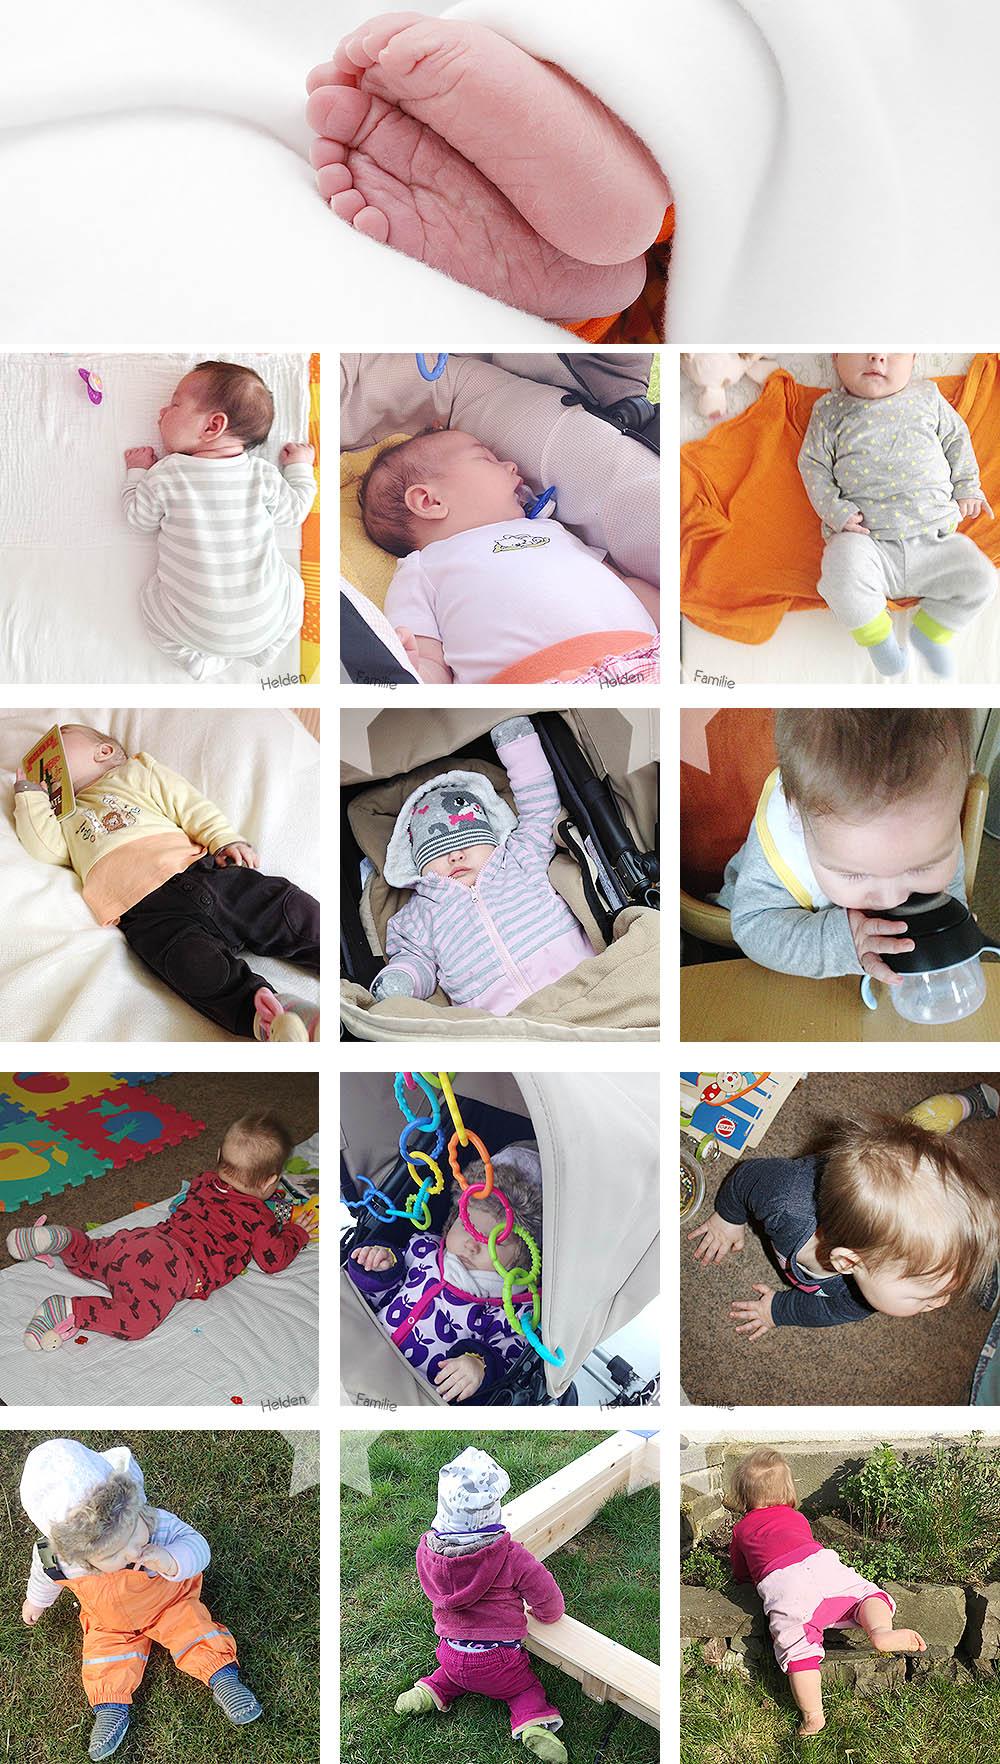 1 Jahr Baby - Babyzeit - Rückblick - 12 Monate